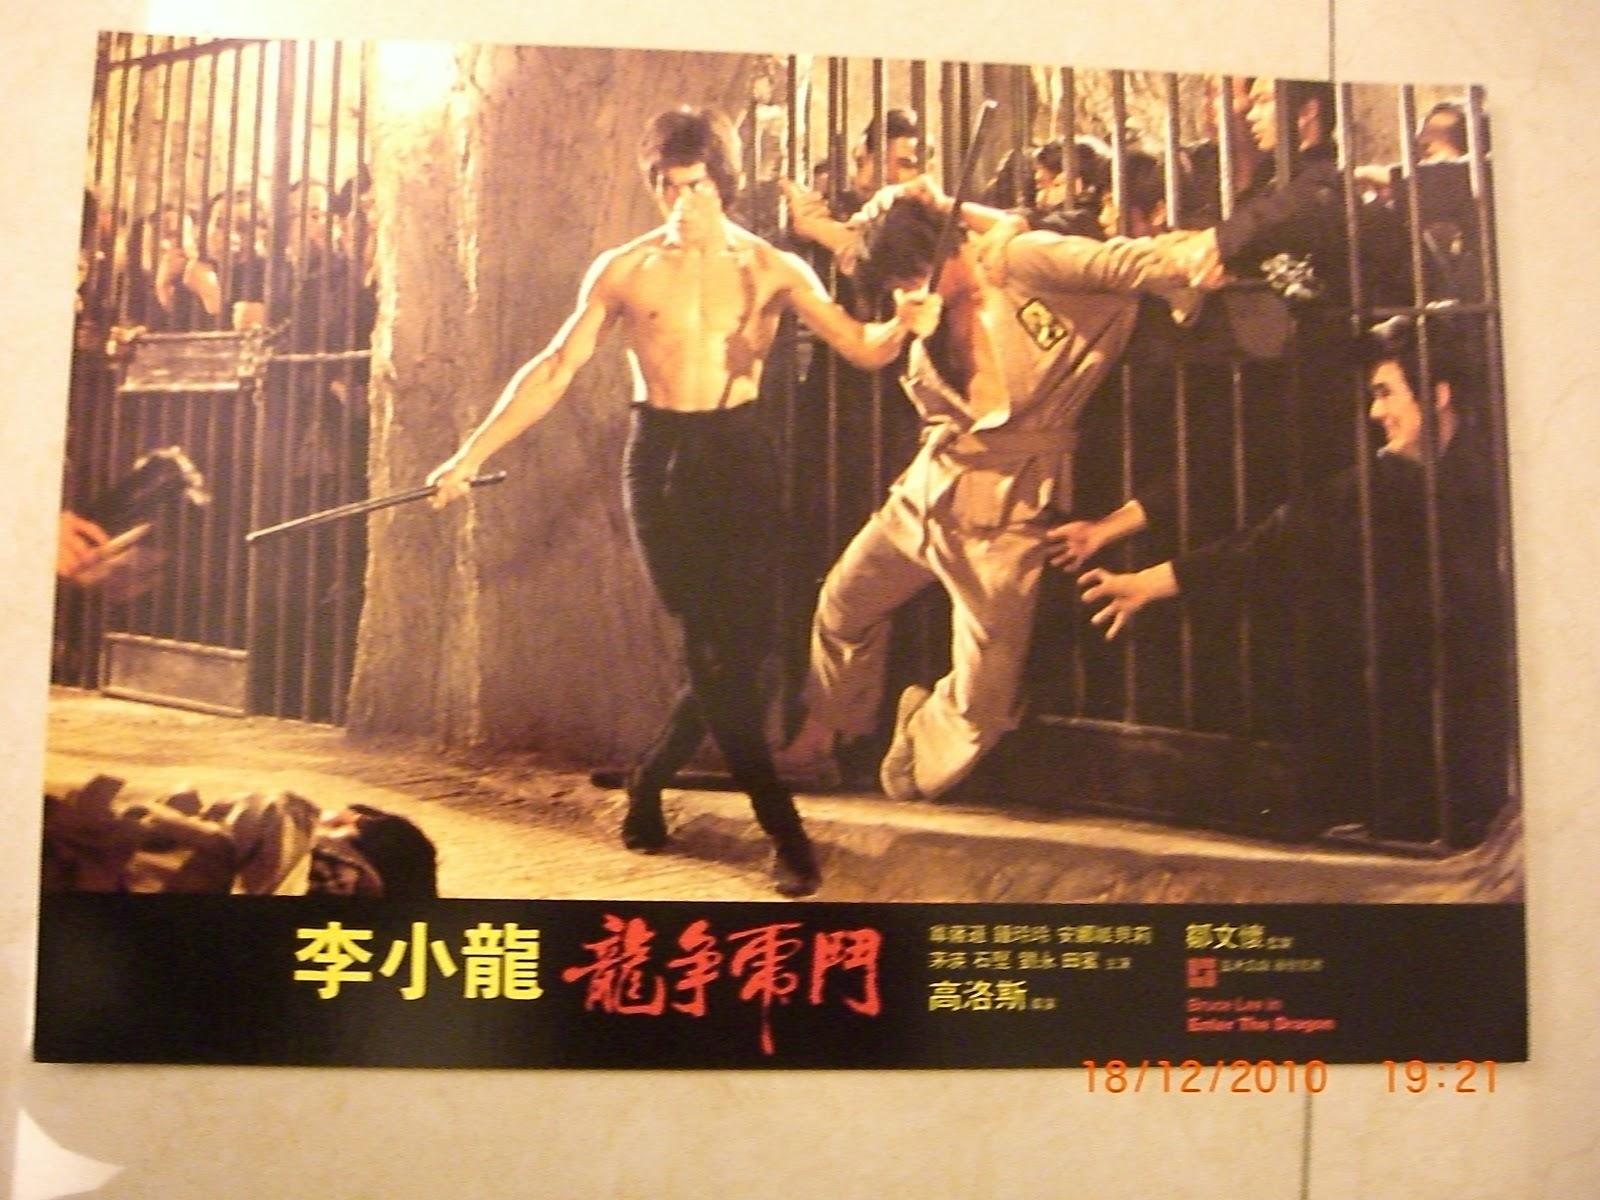 bruce lee legend bruce lees original movie cinema posters